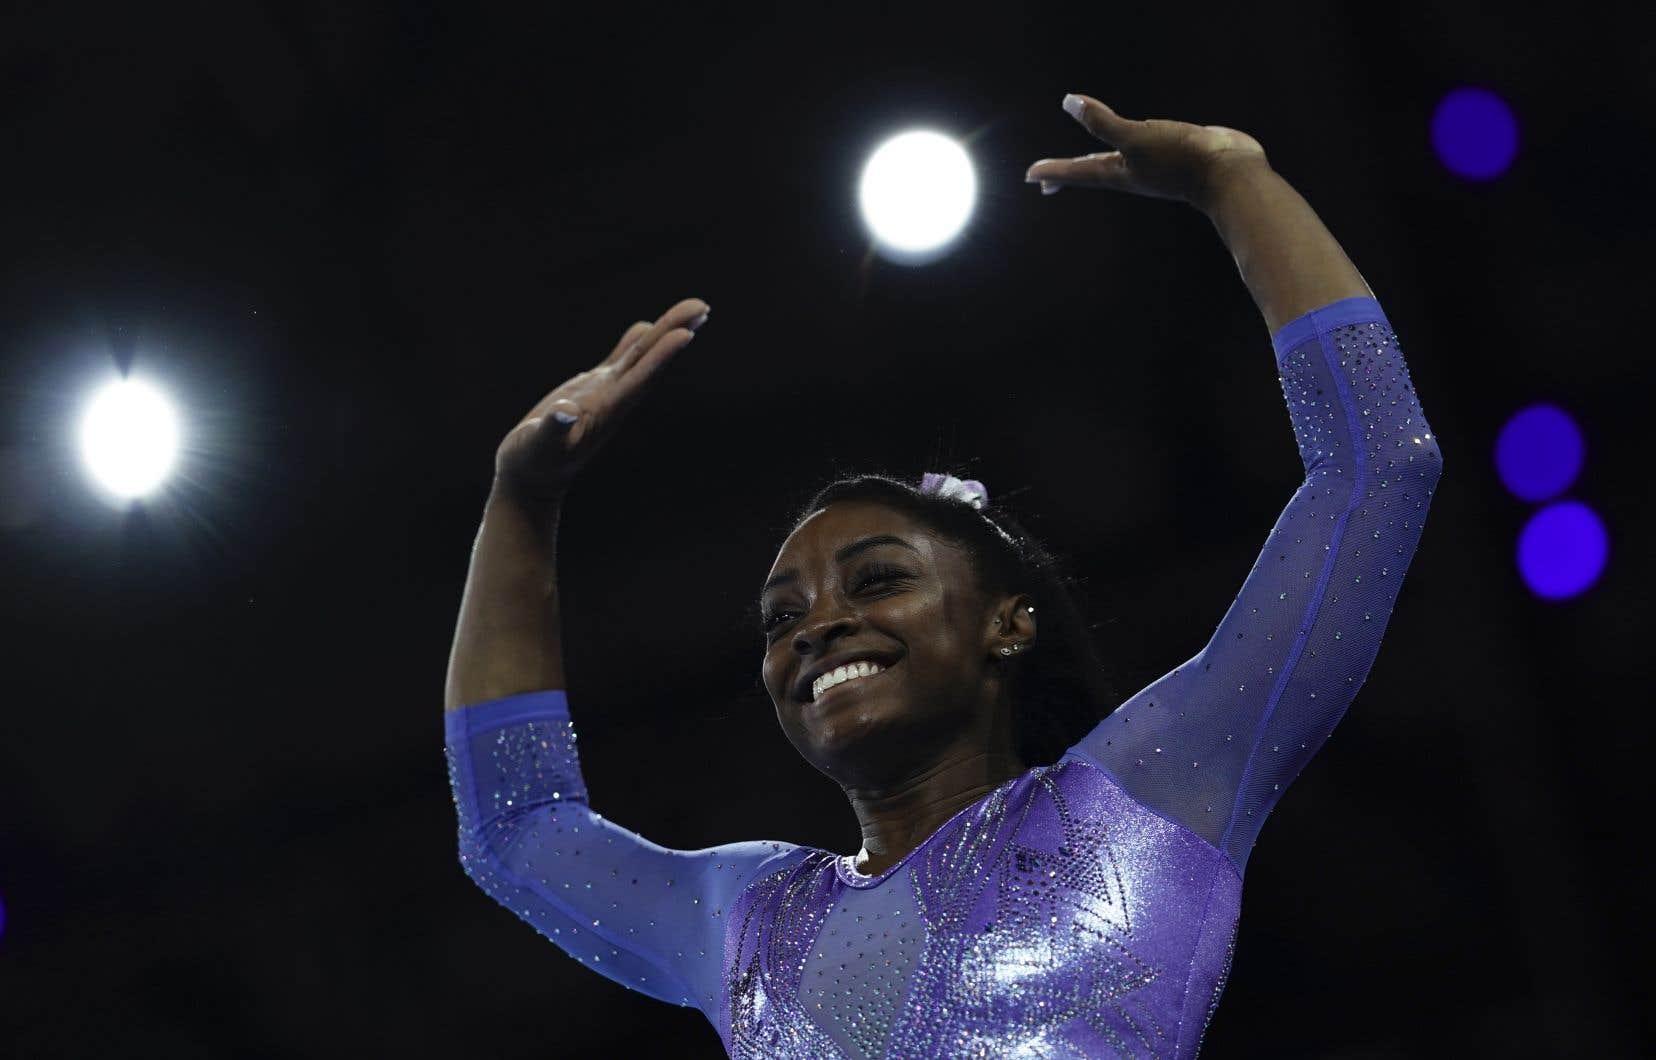 Simone Biles a remporté une 24e médaille, surpassant le total de 23 du gymnaste du Bélarus Vitaly Scherbo.